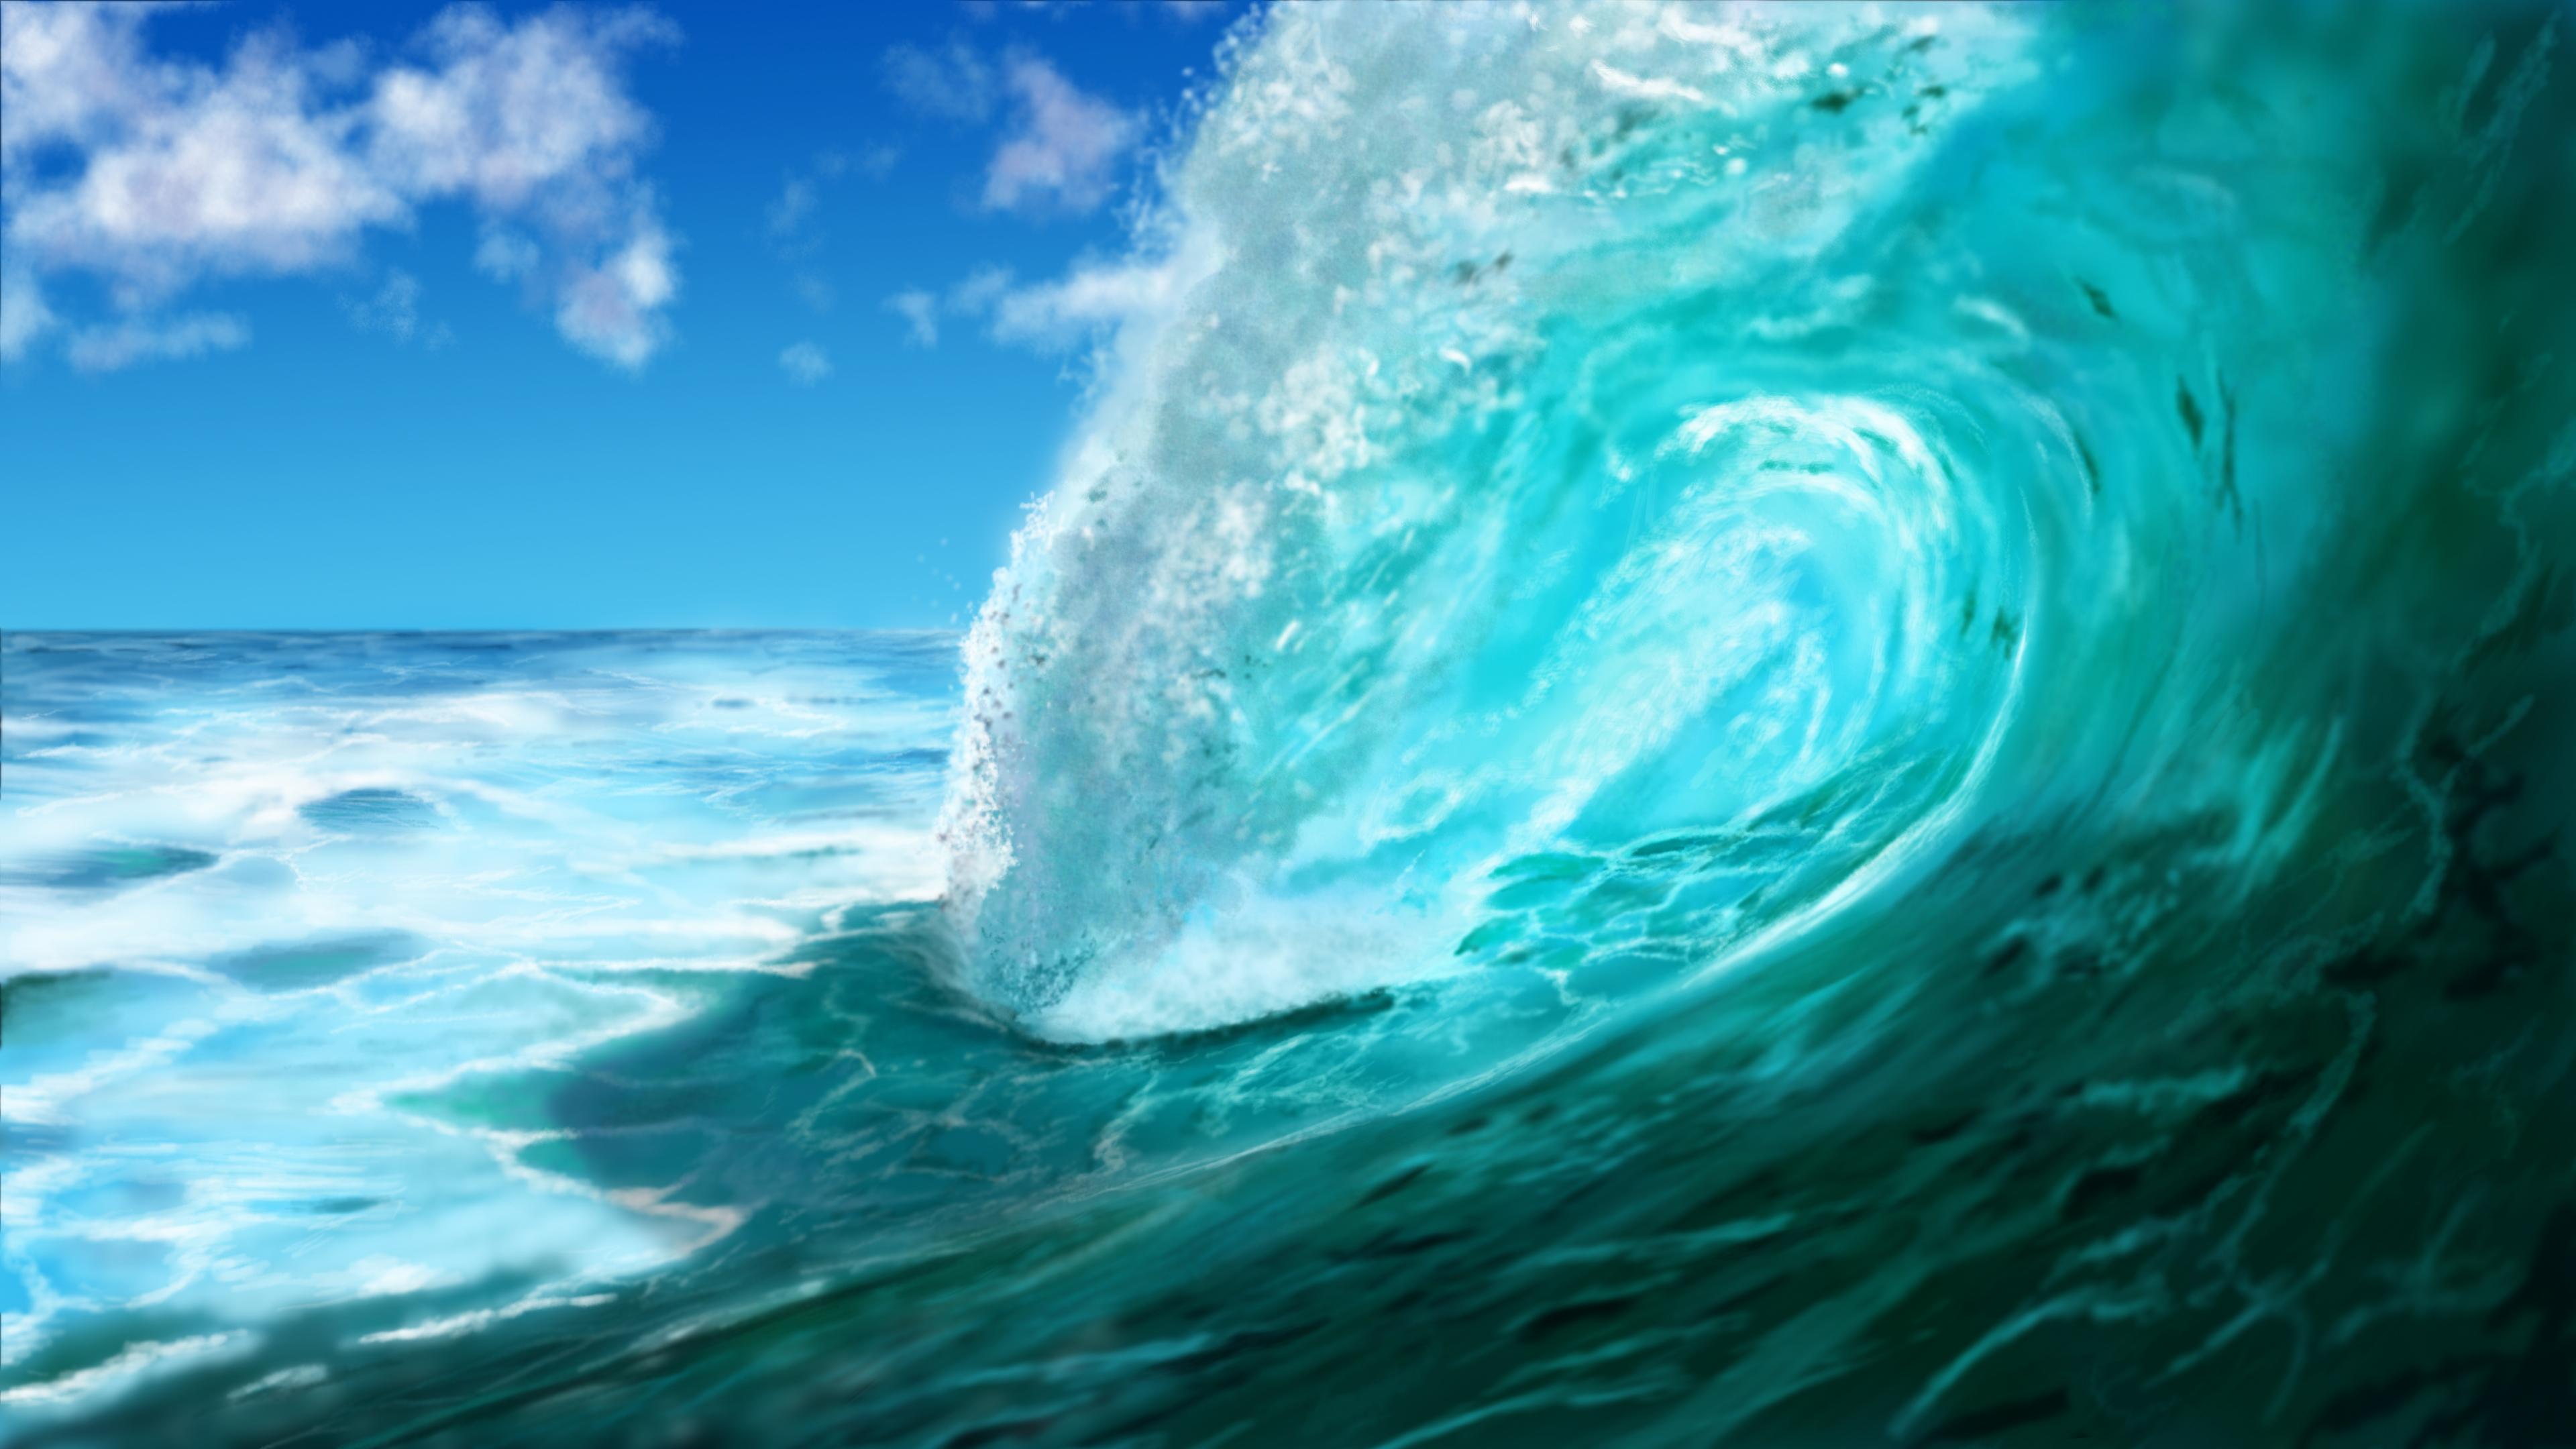 Digital Painting - Ocean Wave  (Meereswoge, Welle)